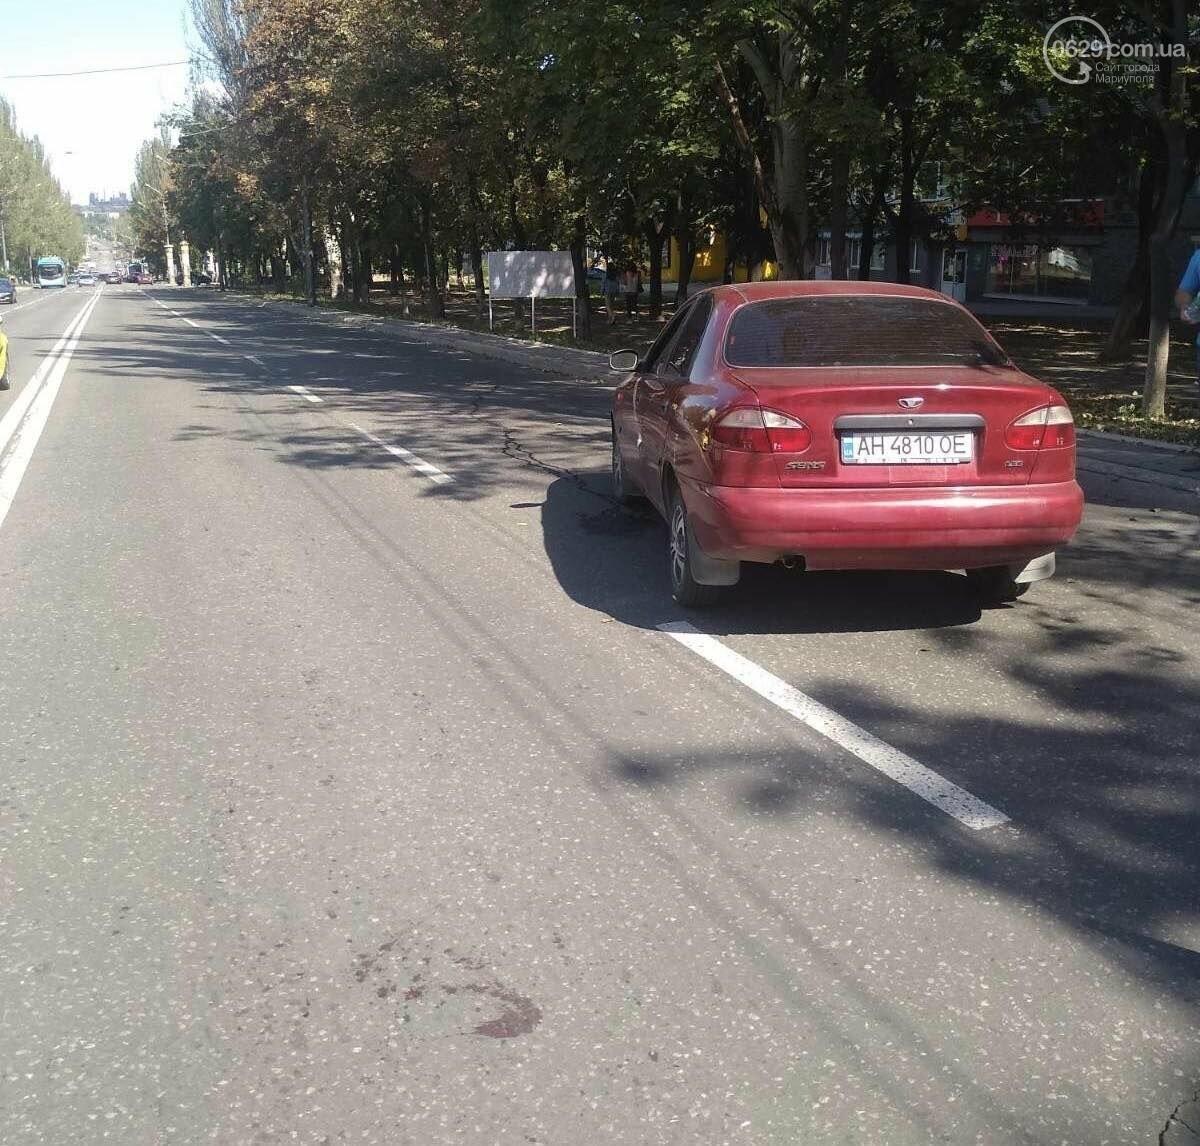 В Мариуполе автомобиль сбил пенсионерку. Женщина в больнице, - ФОТО, фото-3